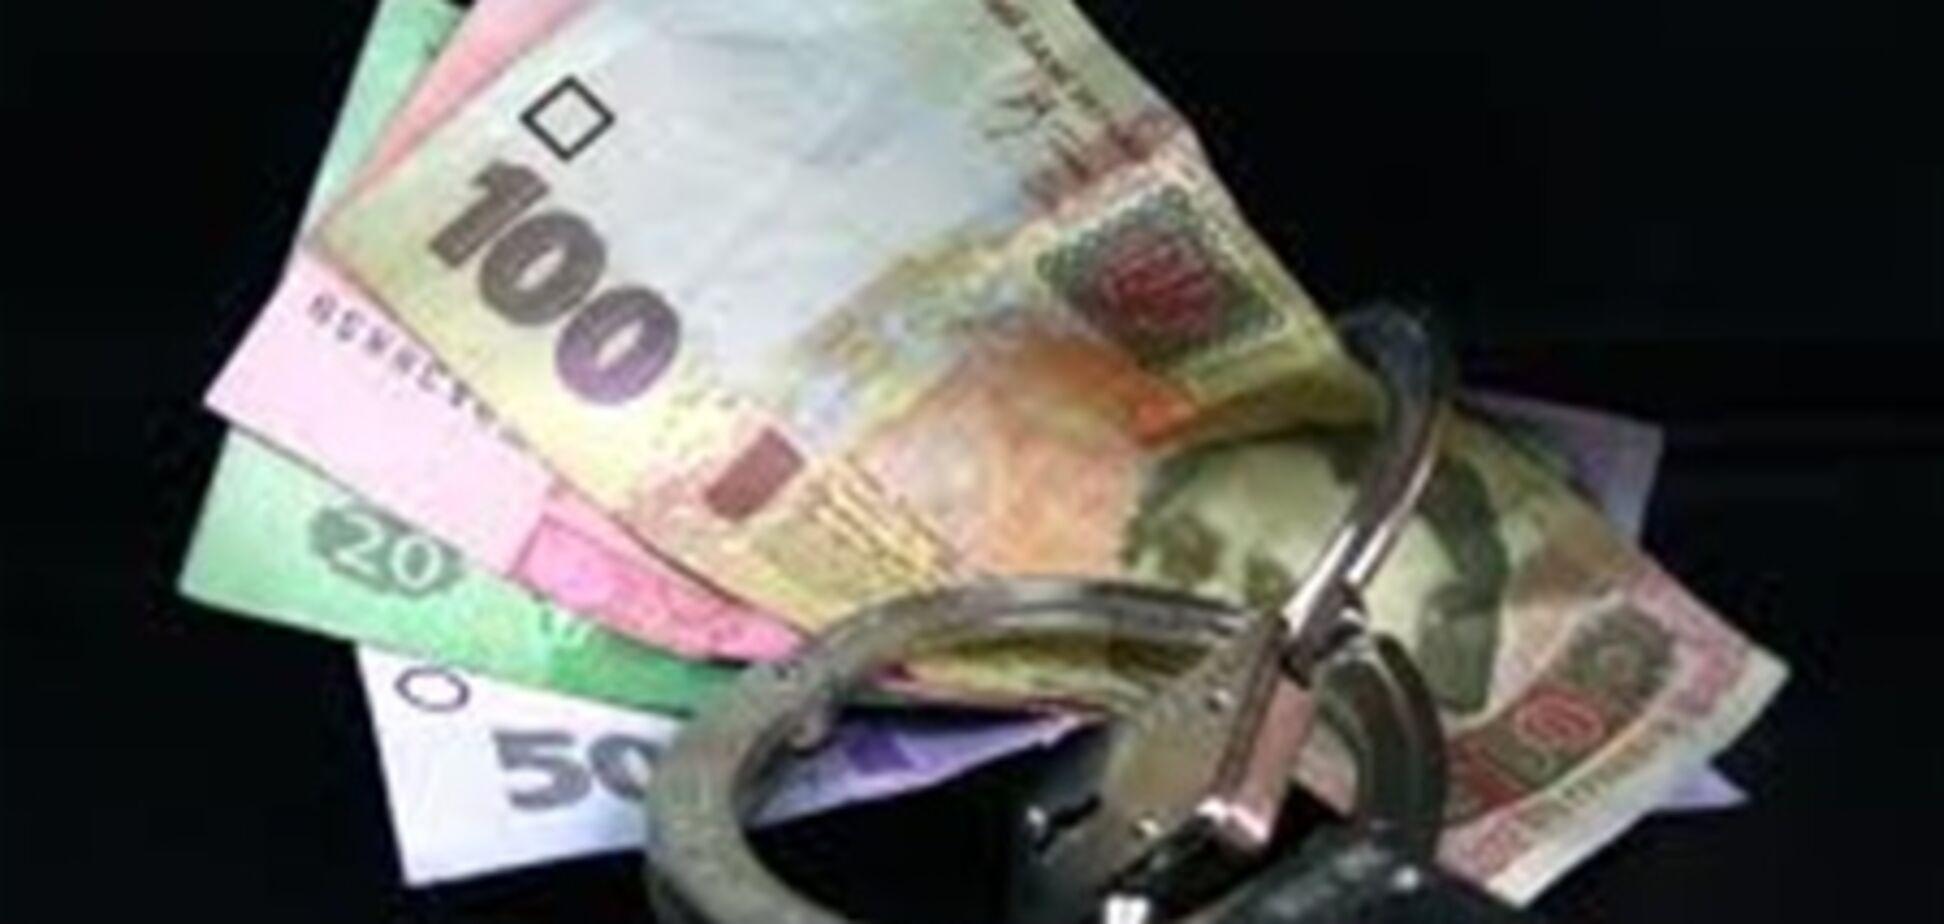 Чиновник Міноборони витратив 140 тисяч, призначених на зарплати